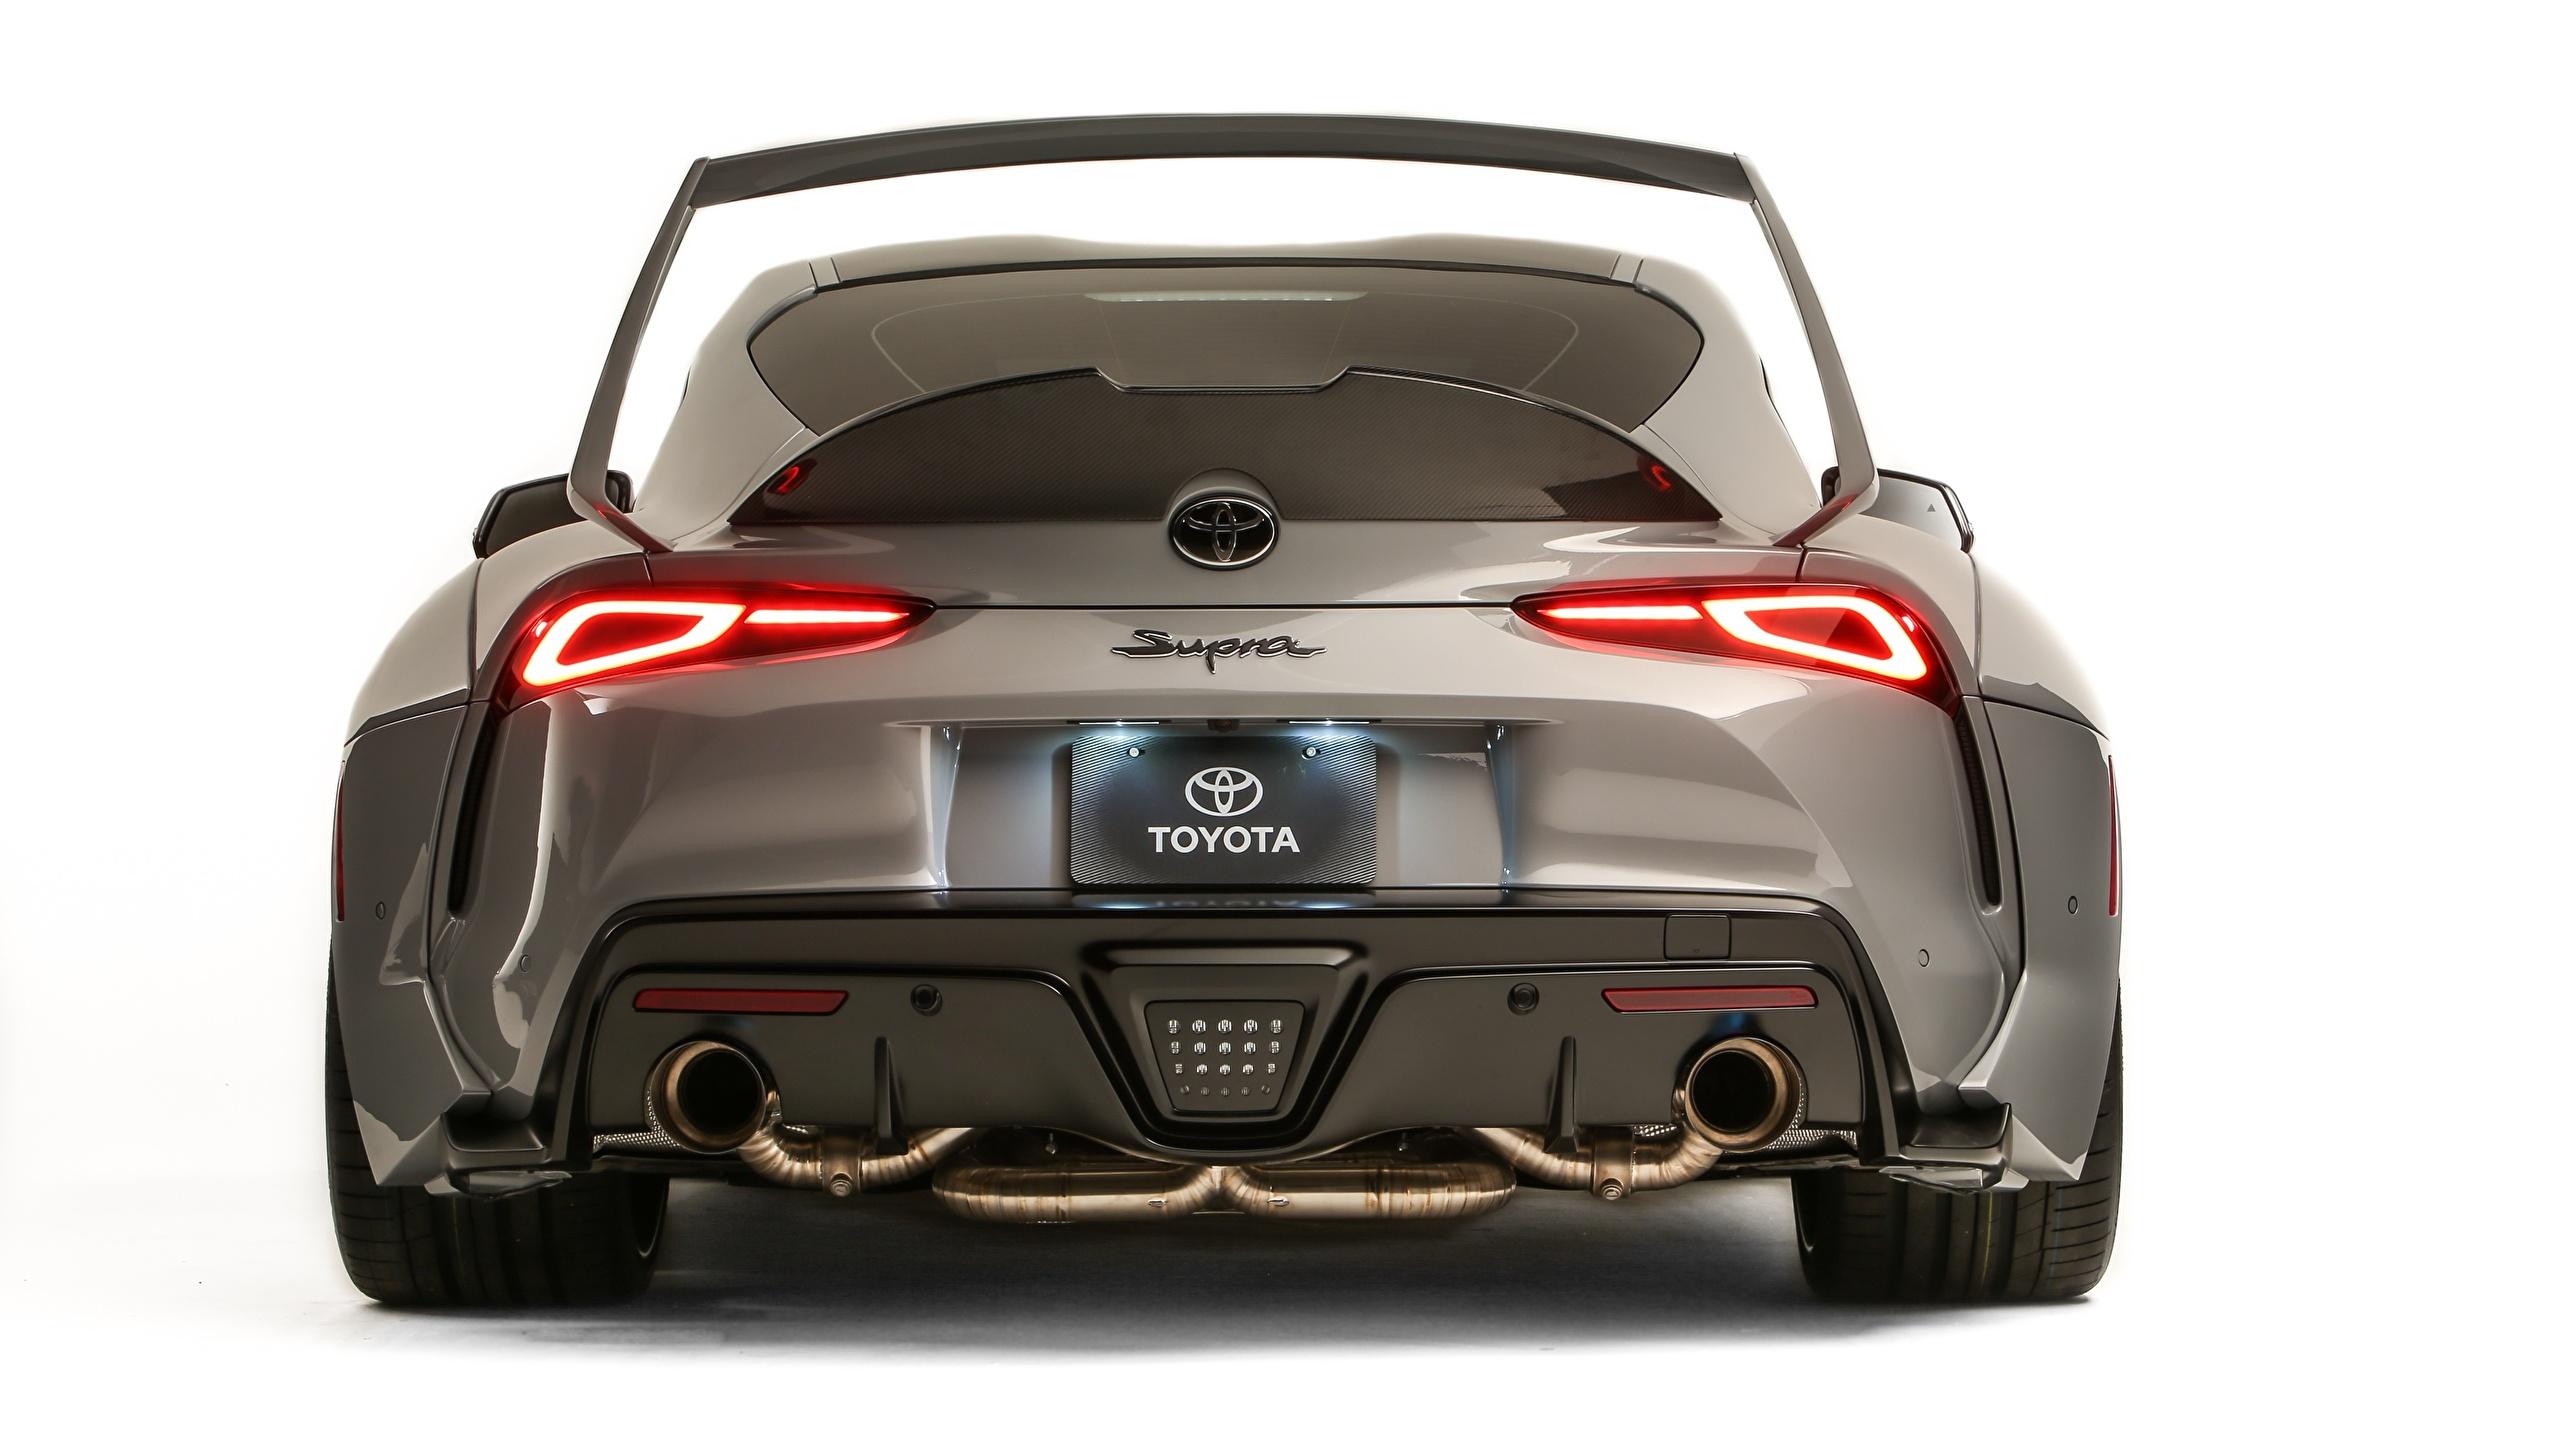 Bilder Toyota GR Supra, A90, 2019, Rutledge Wood, HyperBoost Grau auto Hinten Metallisch Weißer hintergrund 2560x1440 graue graues Autos automobil